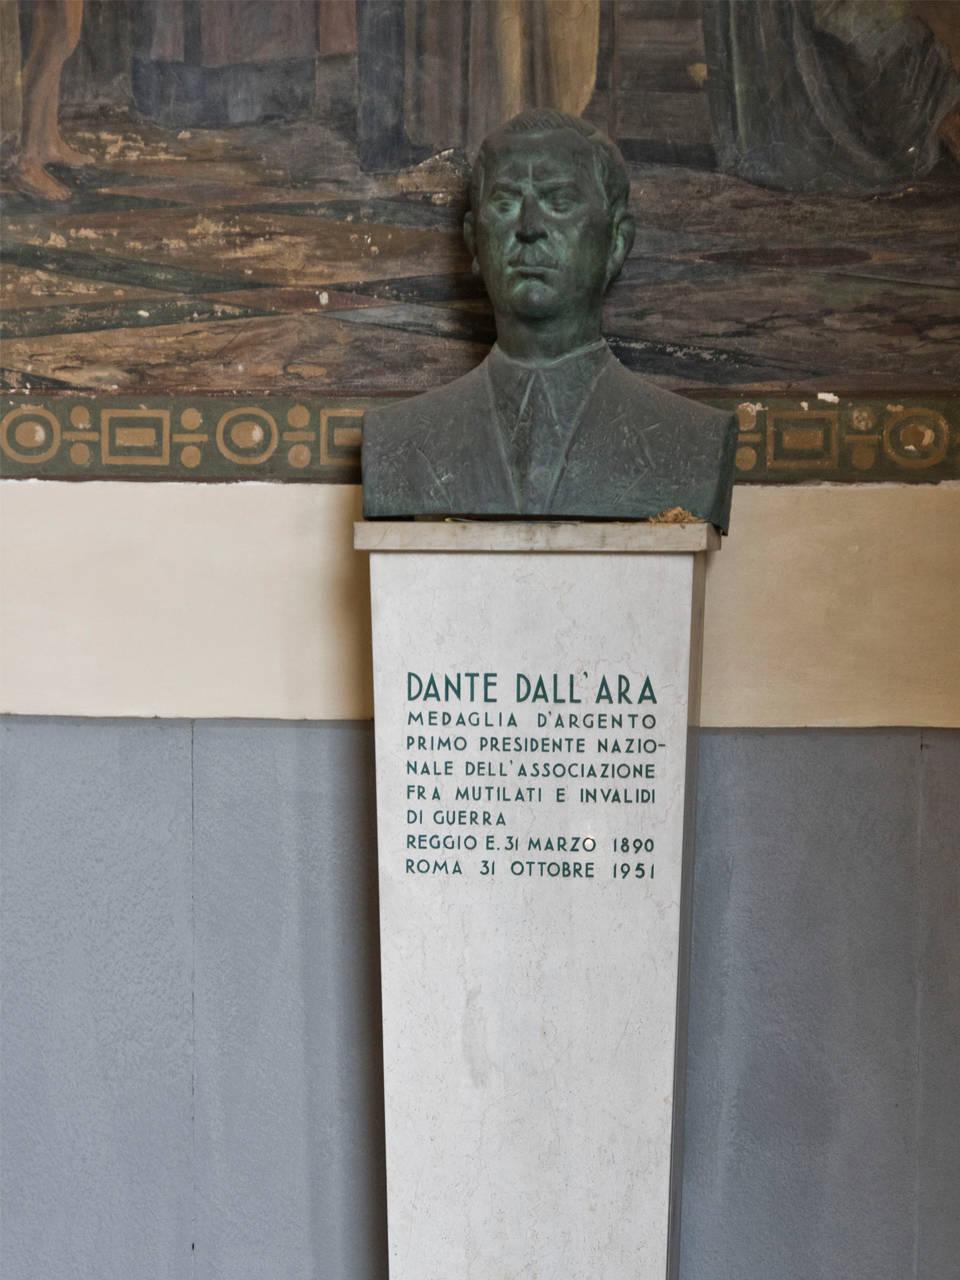 BUSTO DI DANTE DALL'ARA, PORTICO CASA DEL MUTILATO